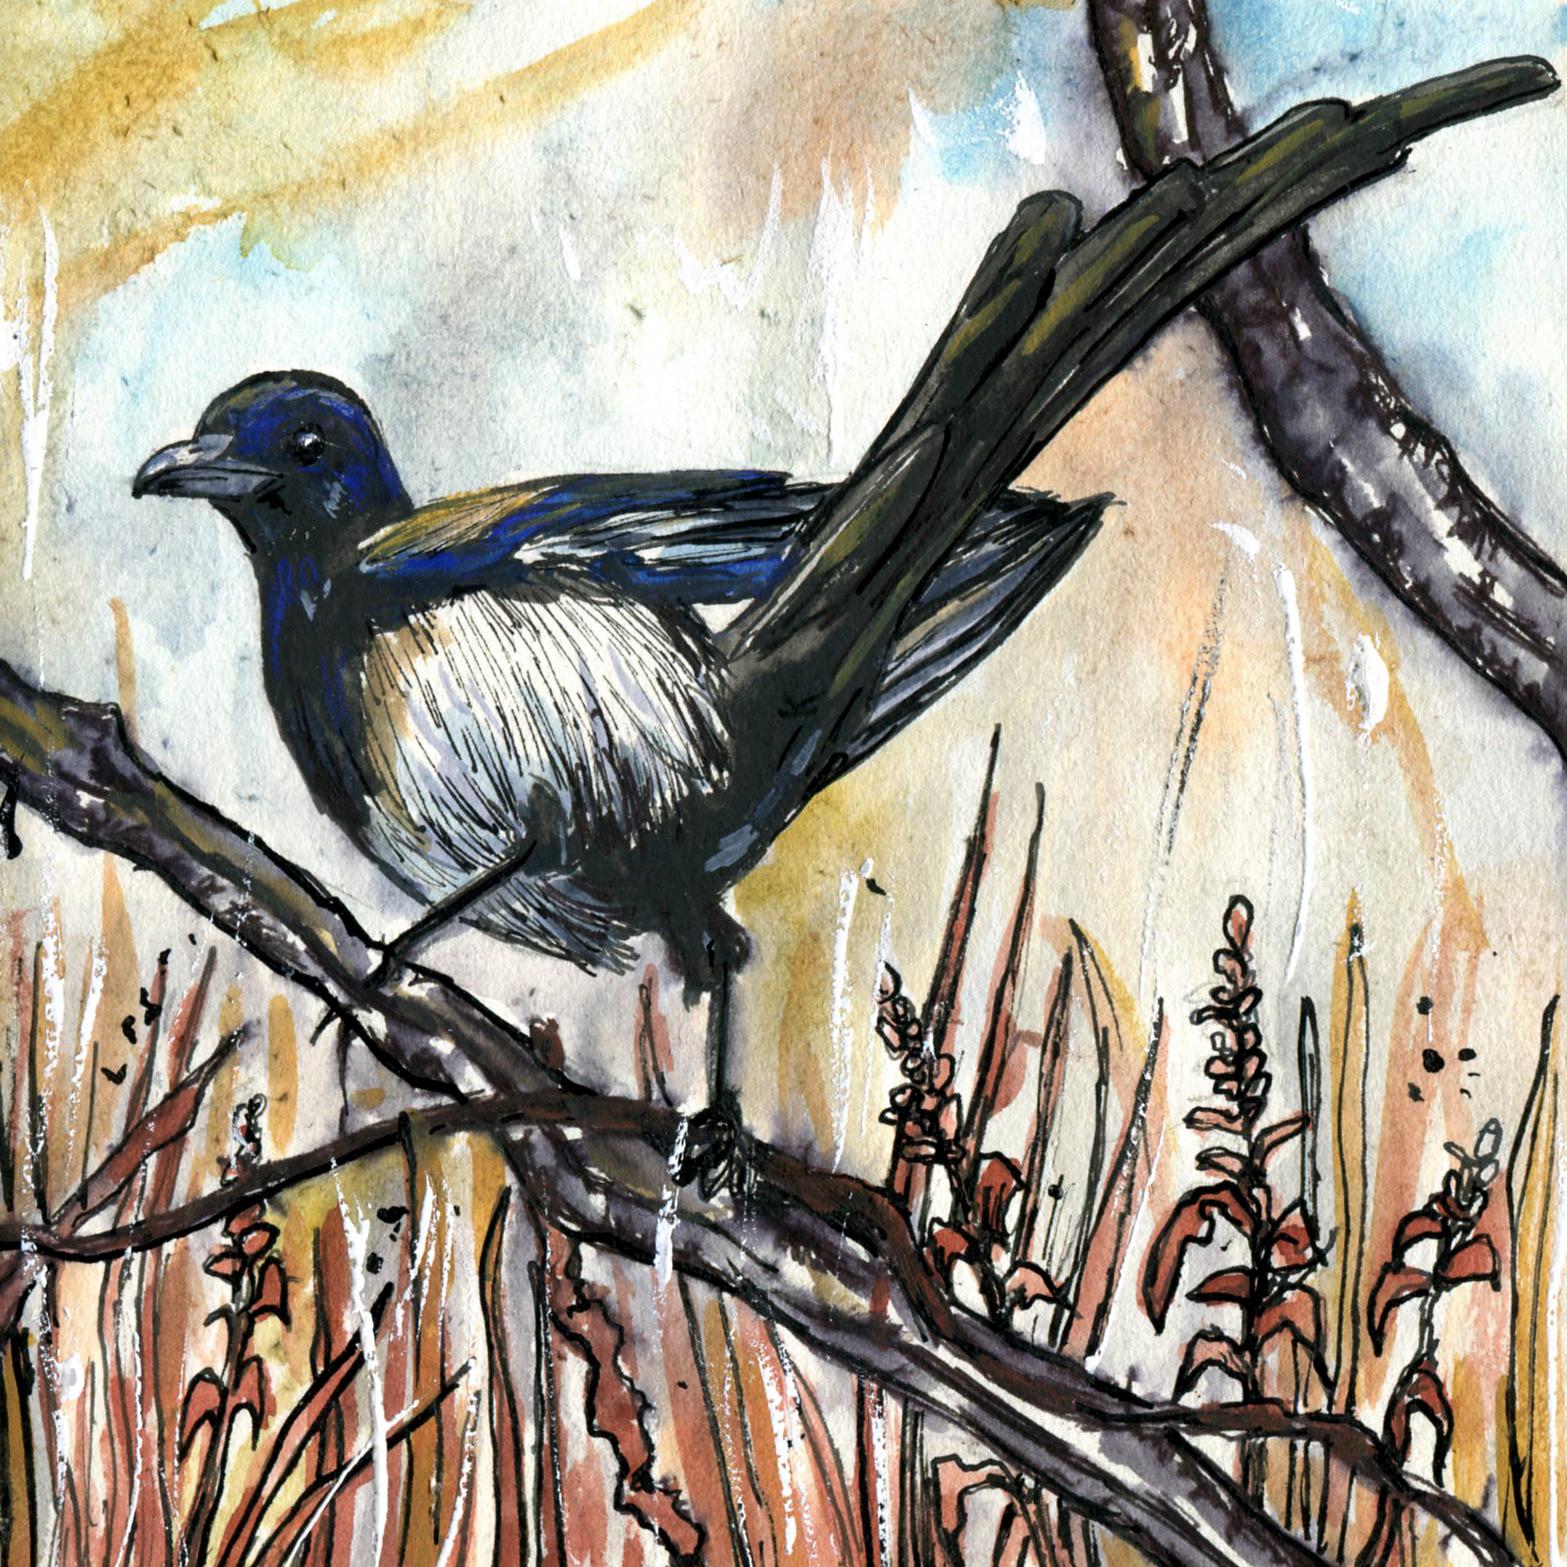 293. Black-billed Magpie